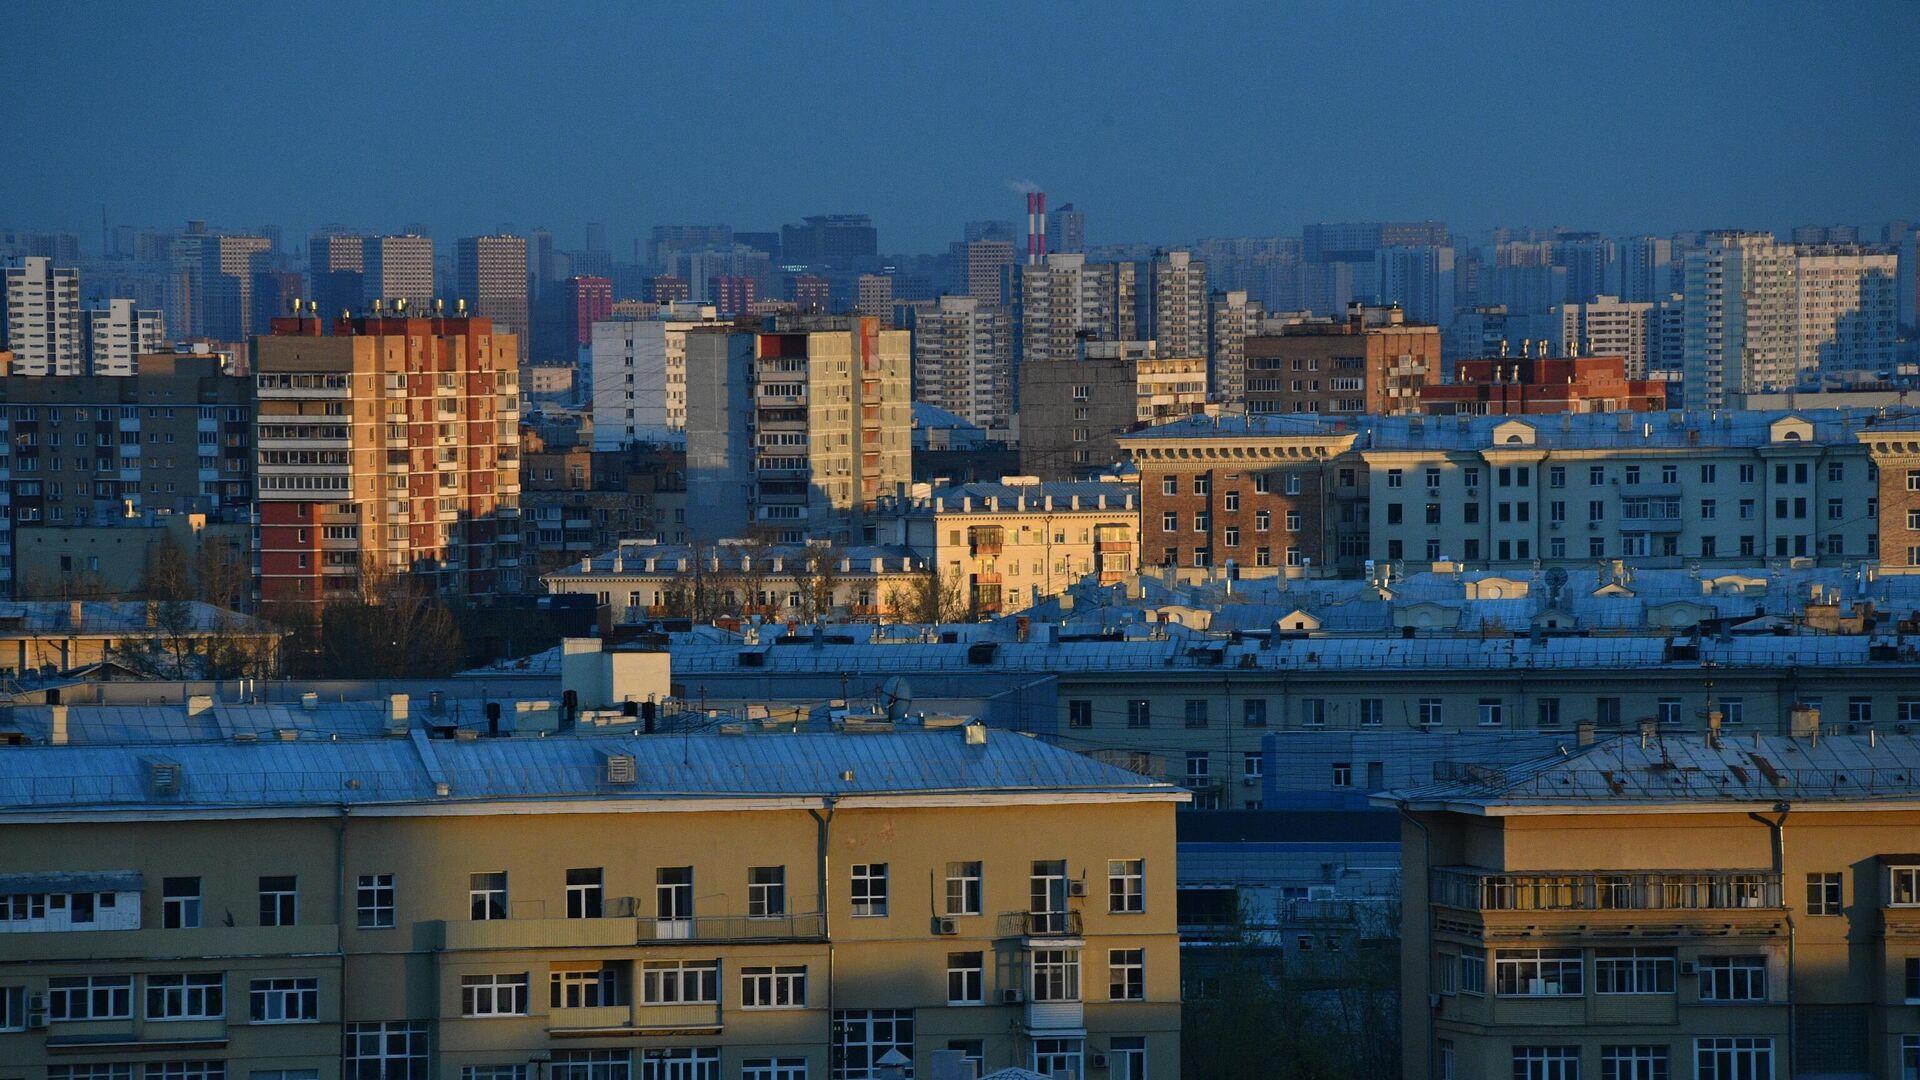 Жилые дома в Москве - РИА Новости, 1920, 07.01.2021